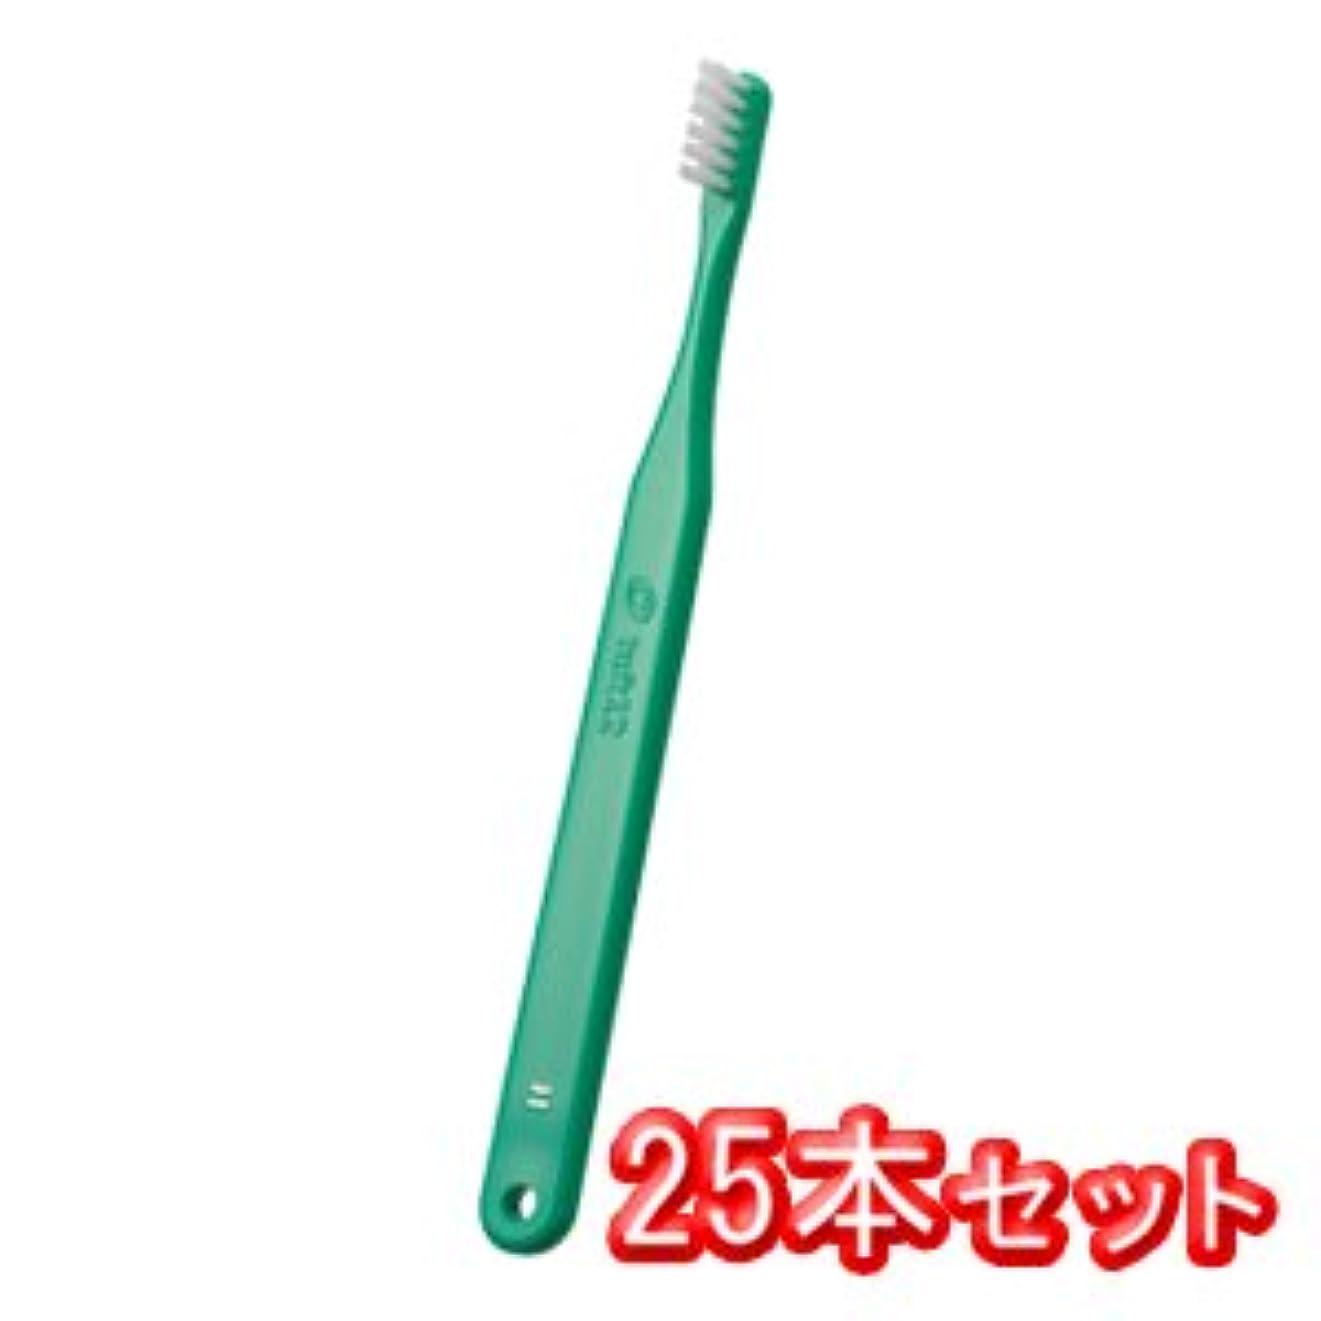 想起減衰話すオーラルケア タフト12 歯ブラシ 25本入 ハード H グリーン